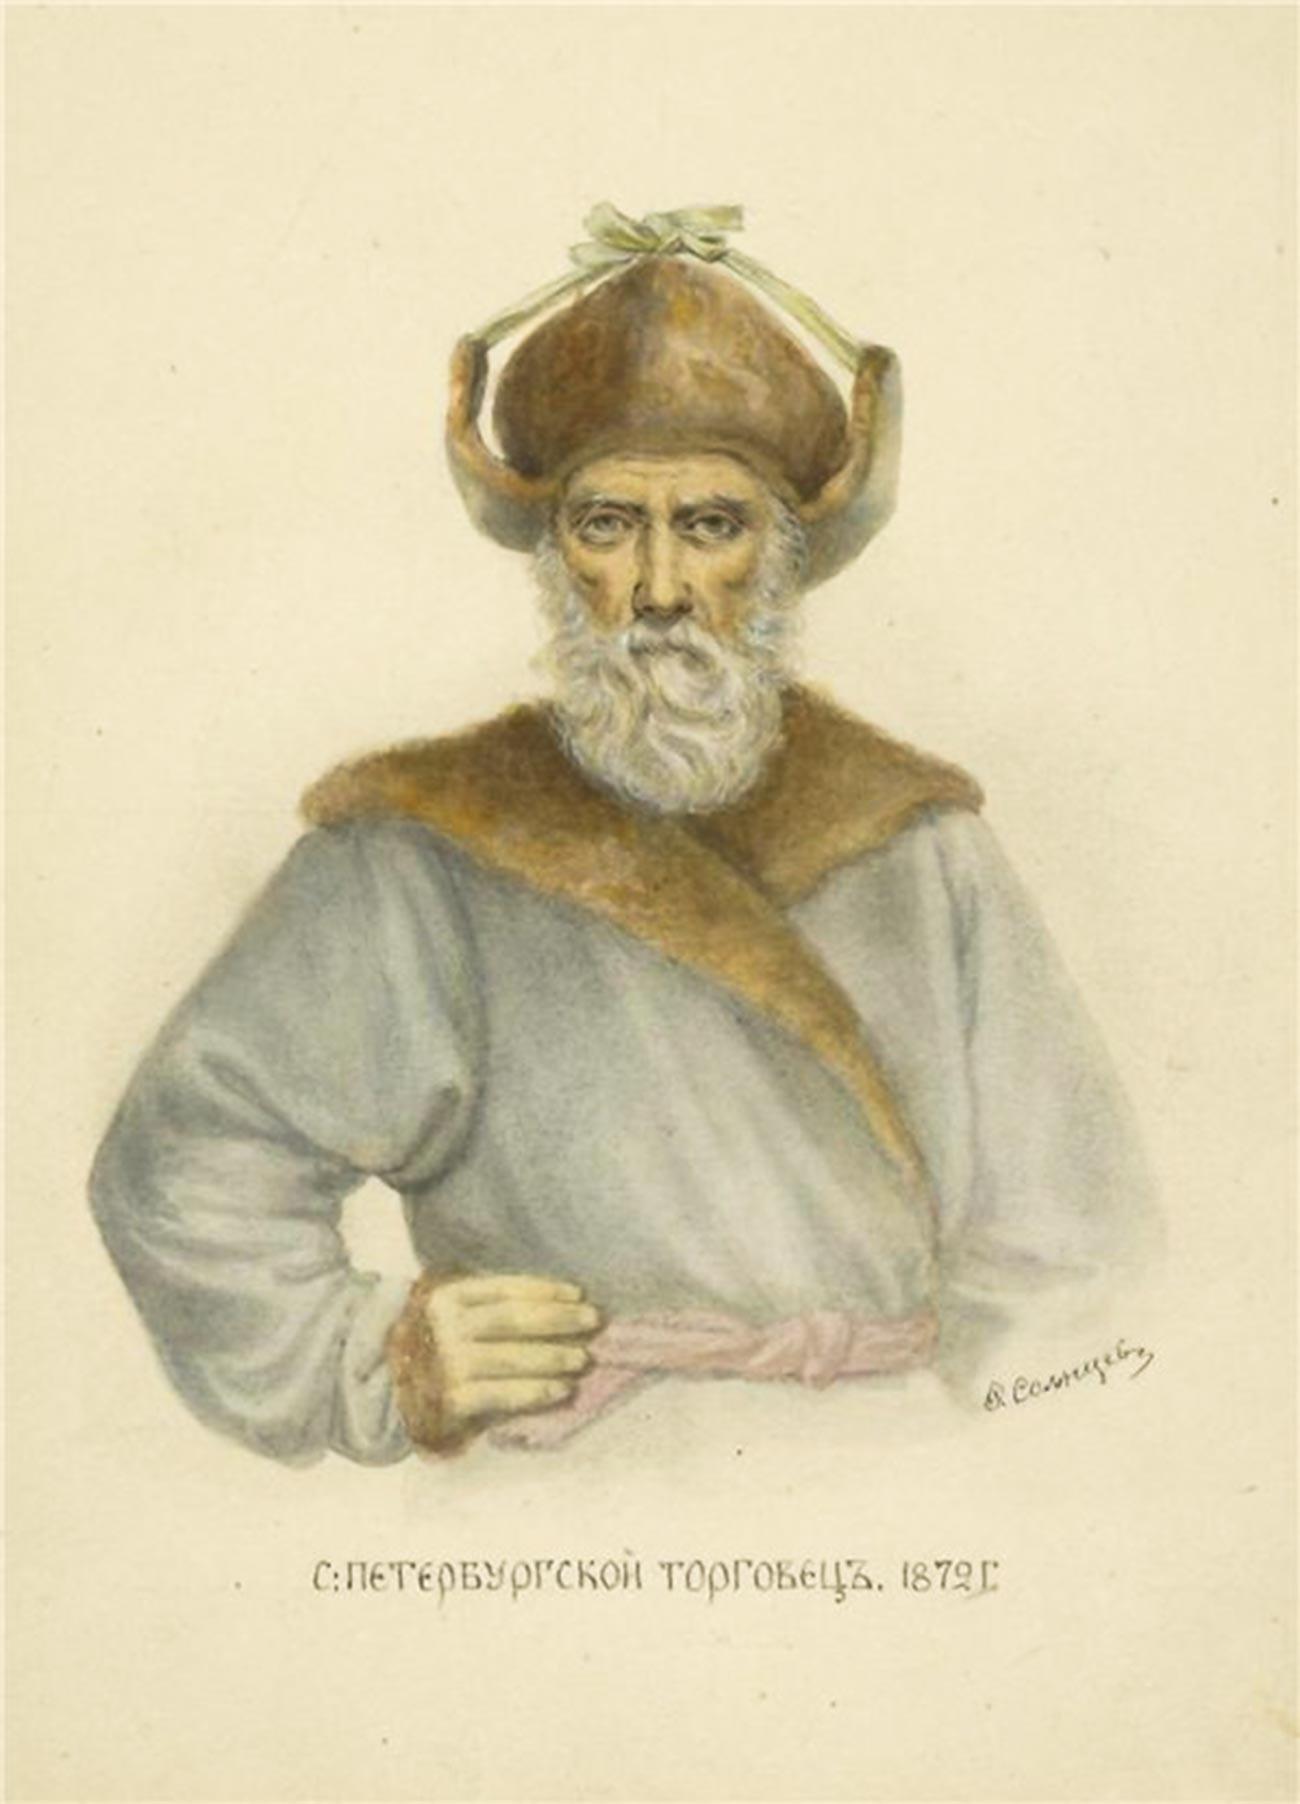 Санктпетербуршки трговац са треухом, 1872